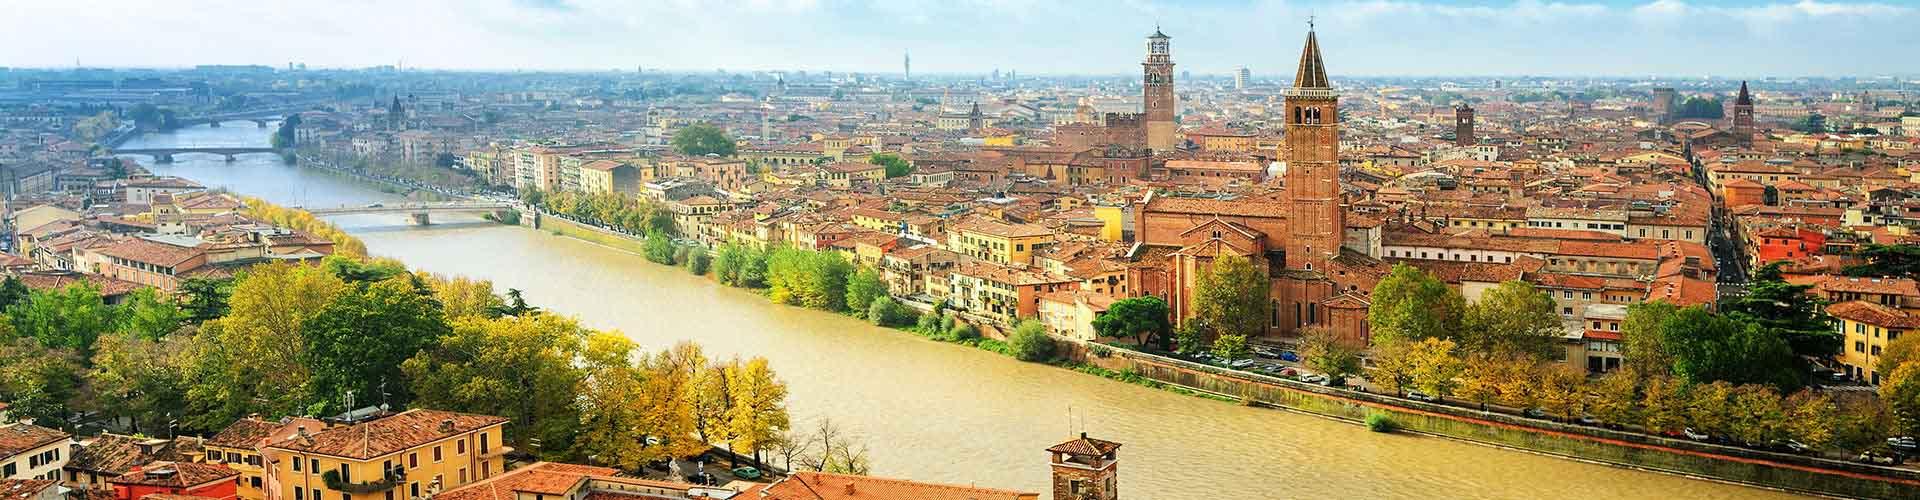 베로나 - 베로나에 있는 호스텔. 베로나의 지도, 베로나에 위치한 호스텔 사진 및 후기 정보.